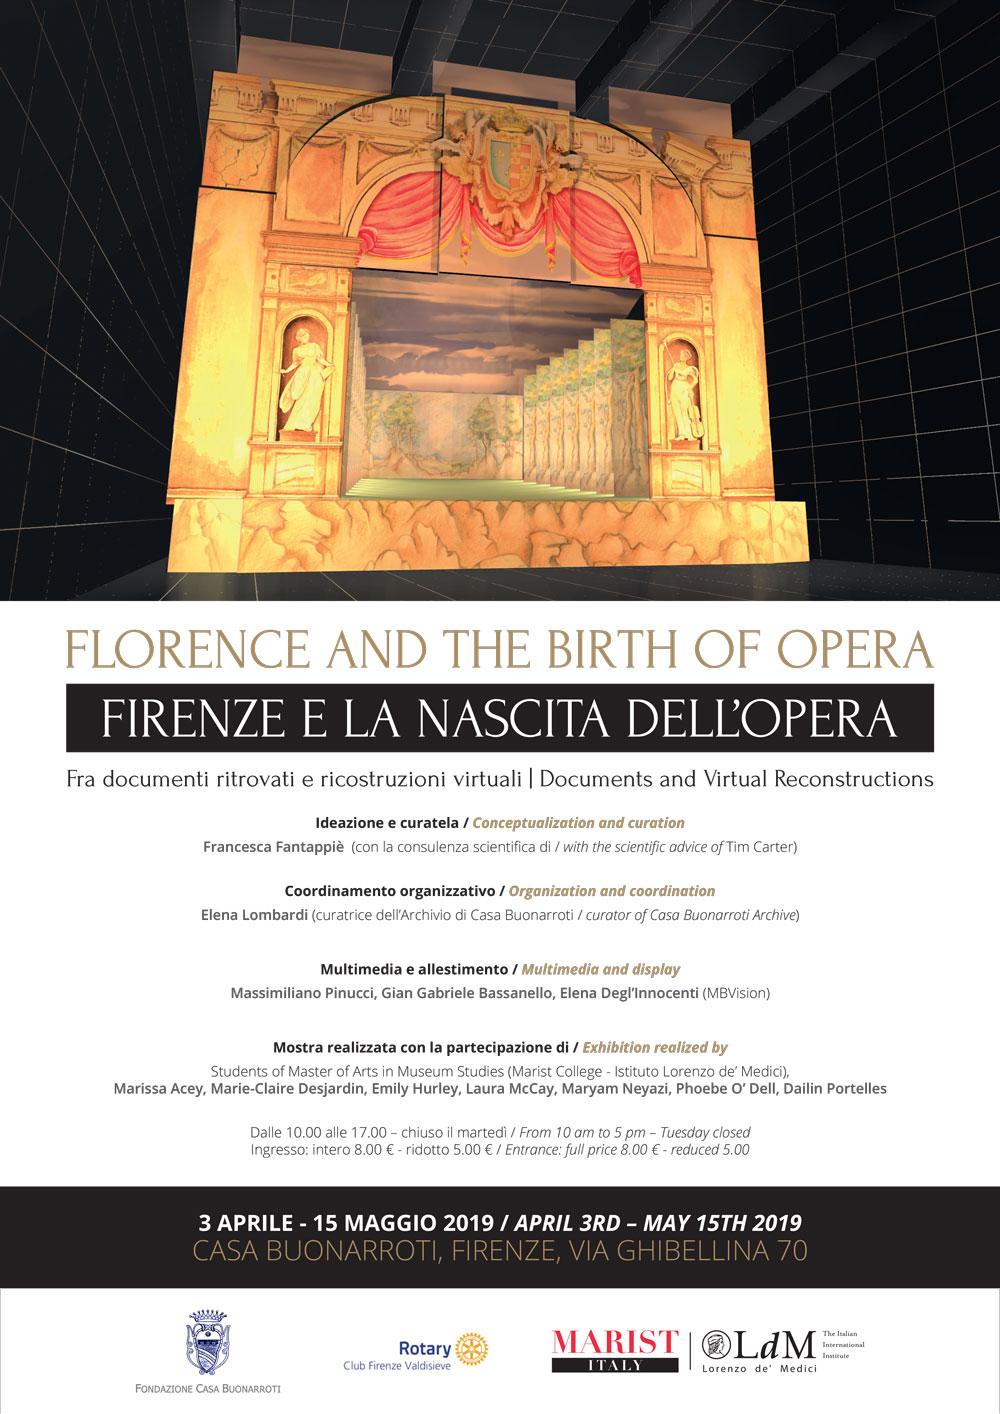 FIRENZE E LA NASCITA DELL'OPERA - FLORENCE AND THE BIRTH OF OPERA